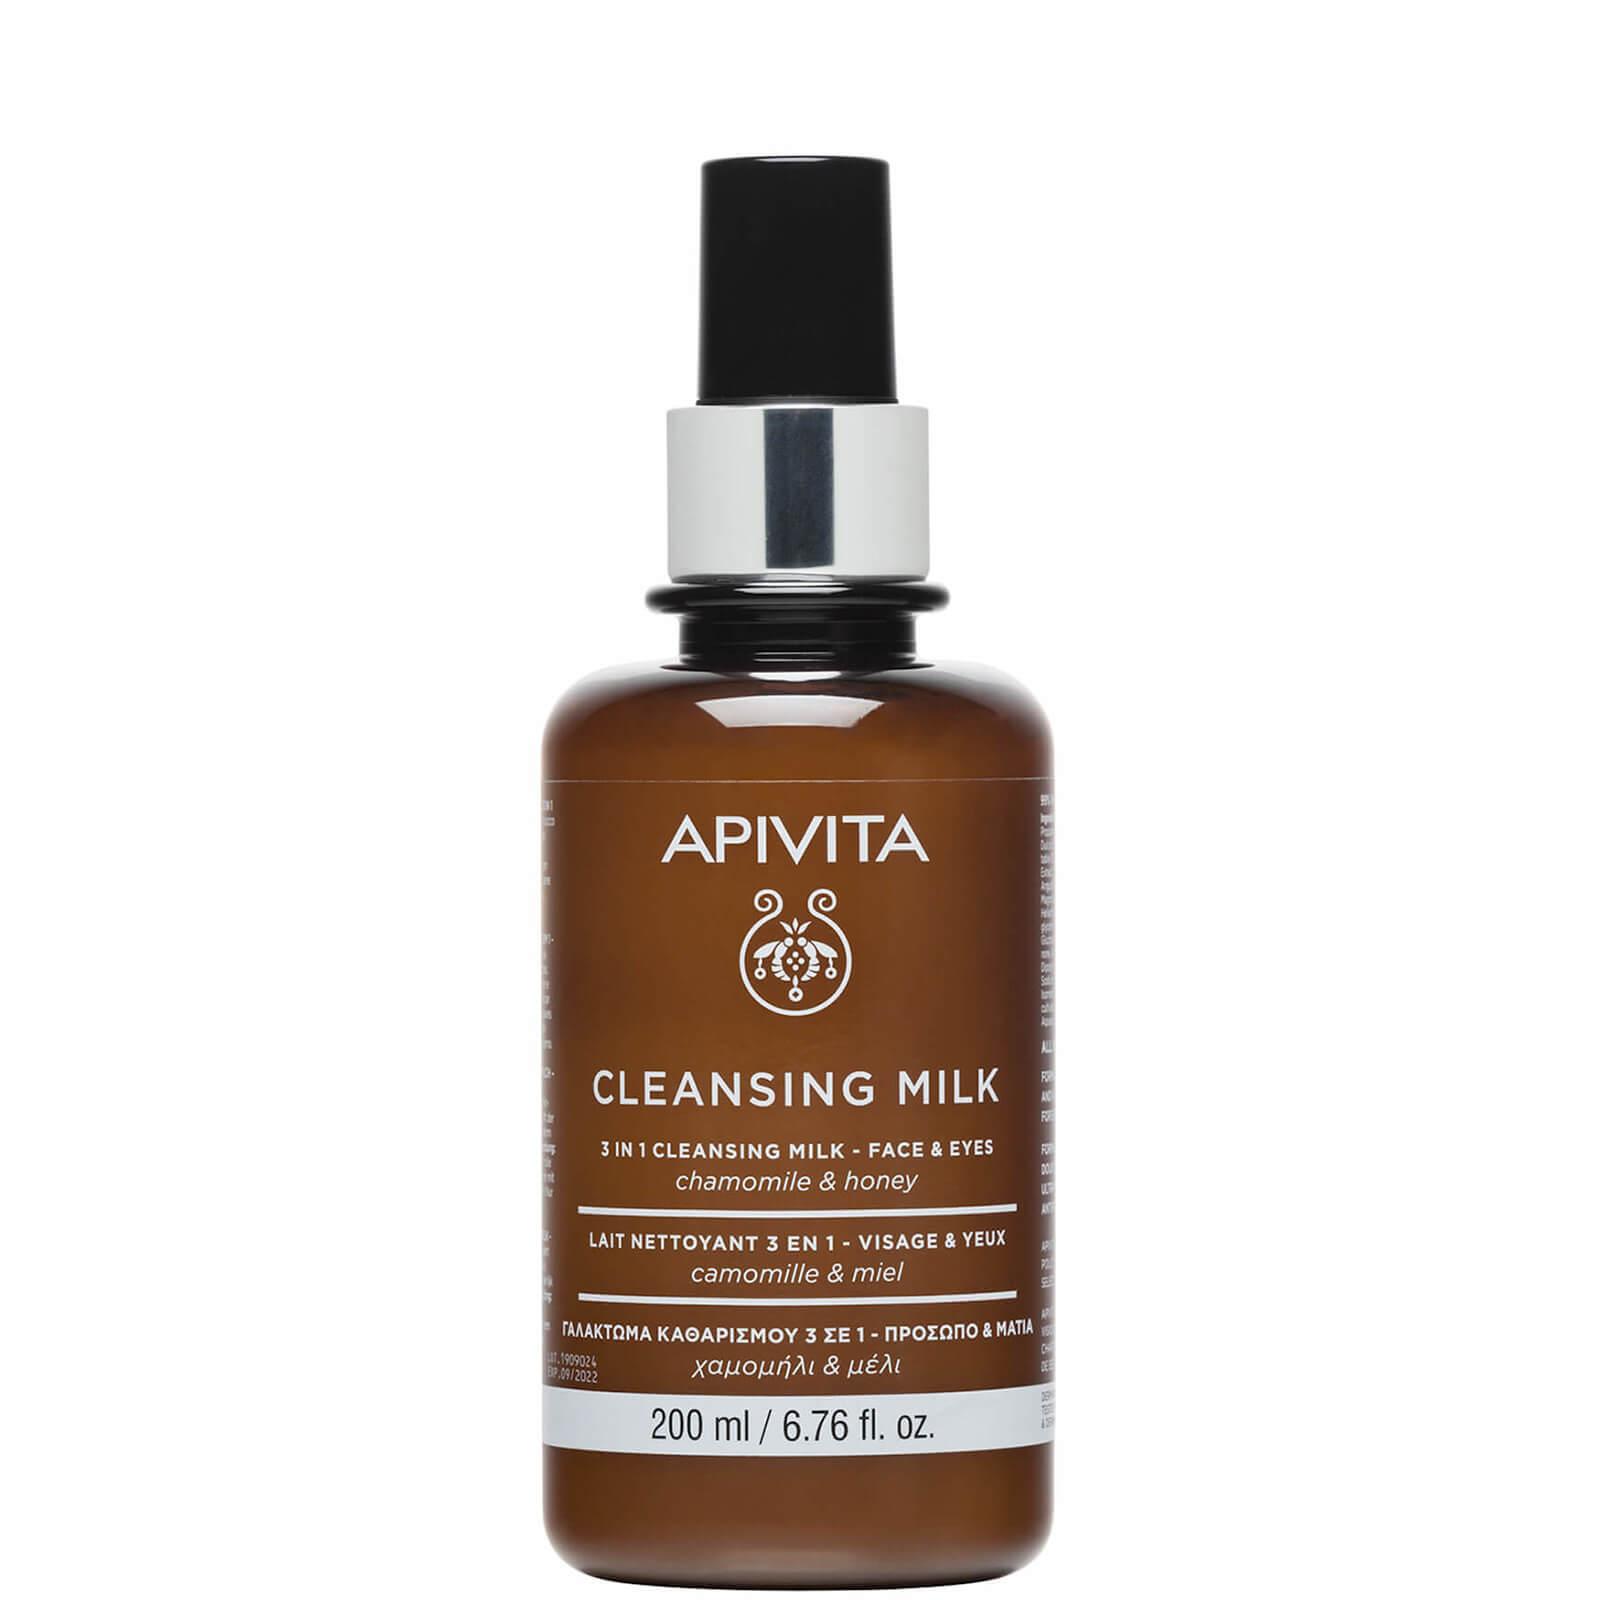 Купить Очищающее молочко для лица и век APIVITA 3 in 1 Cleansing Milk for Face & Eyes 200 мл